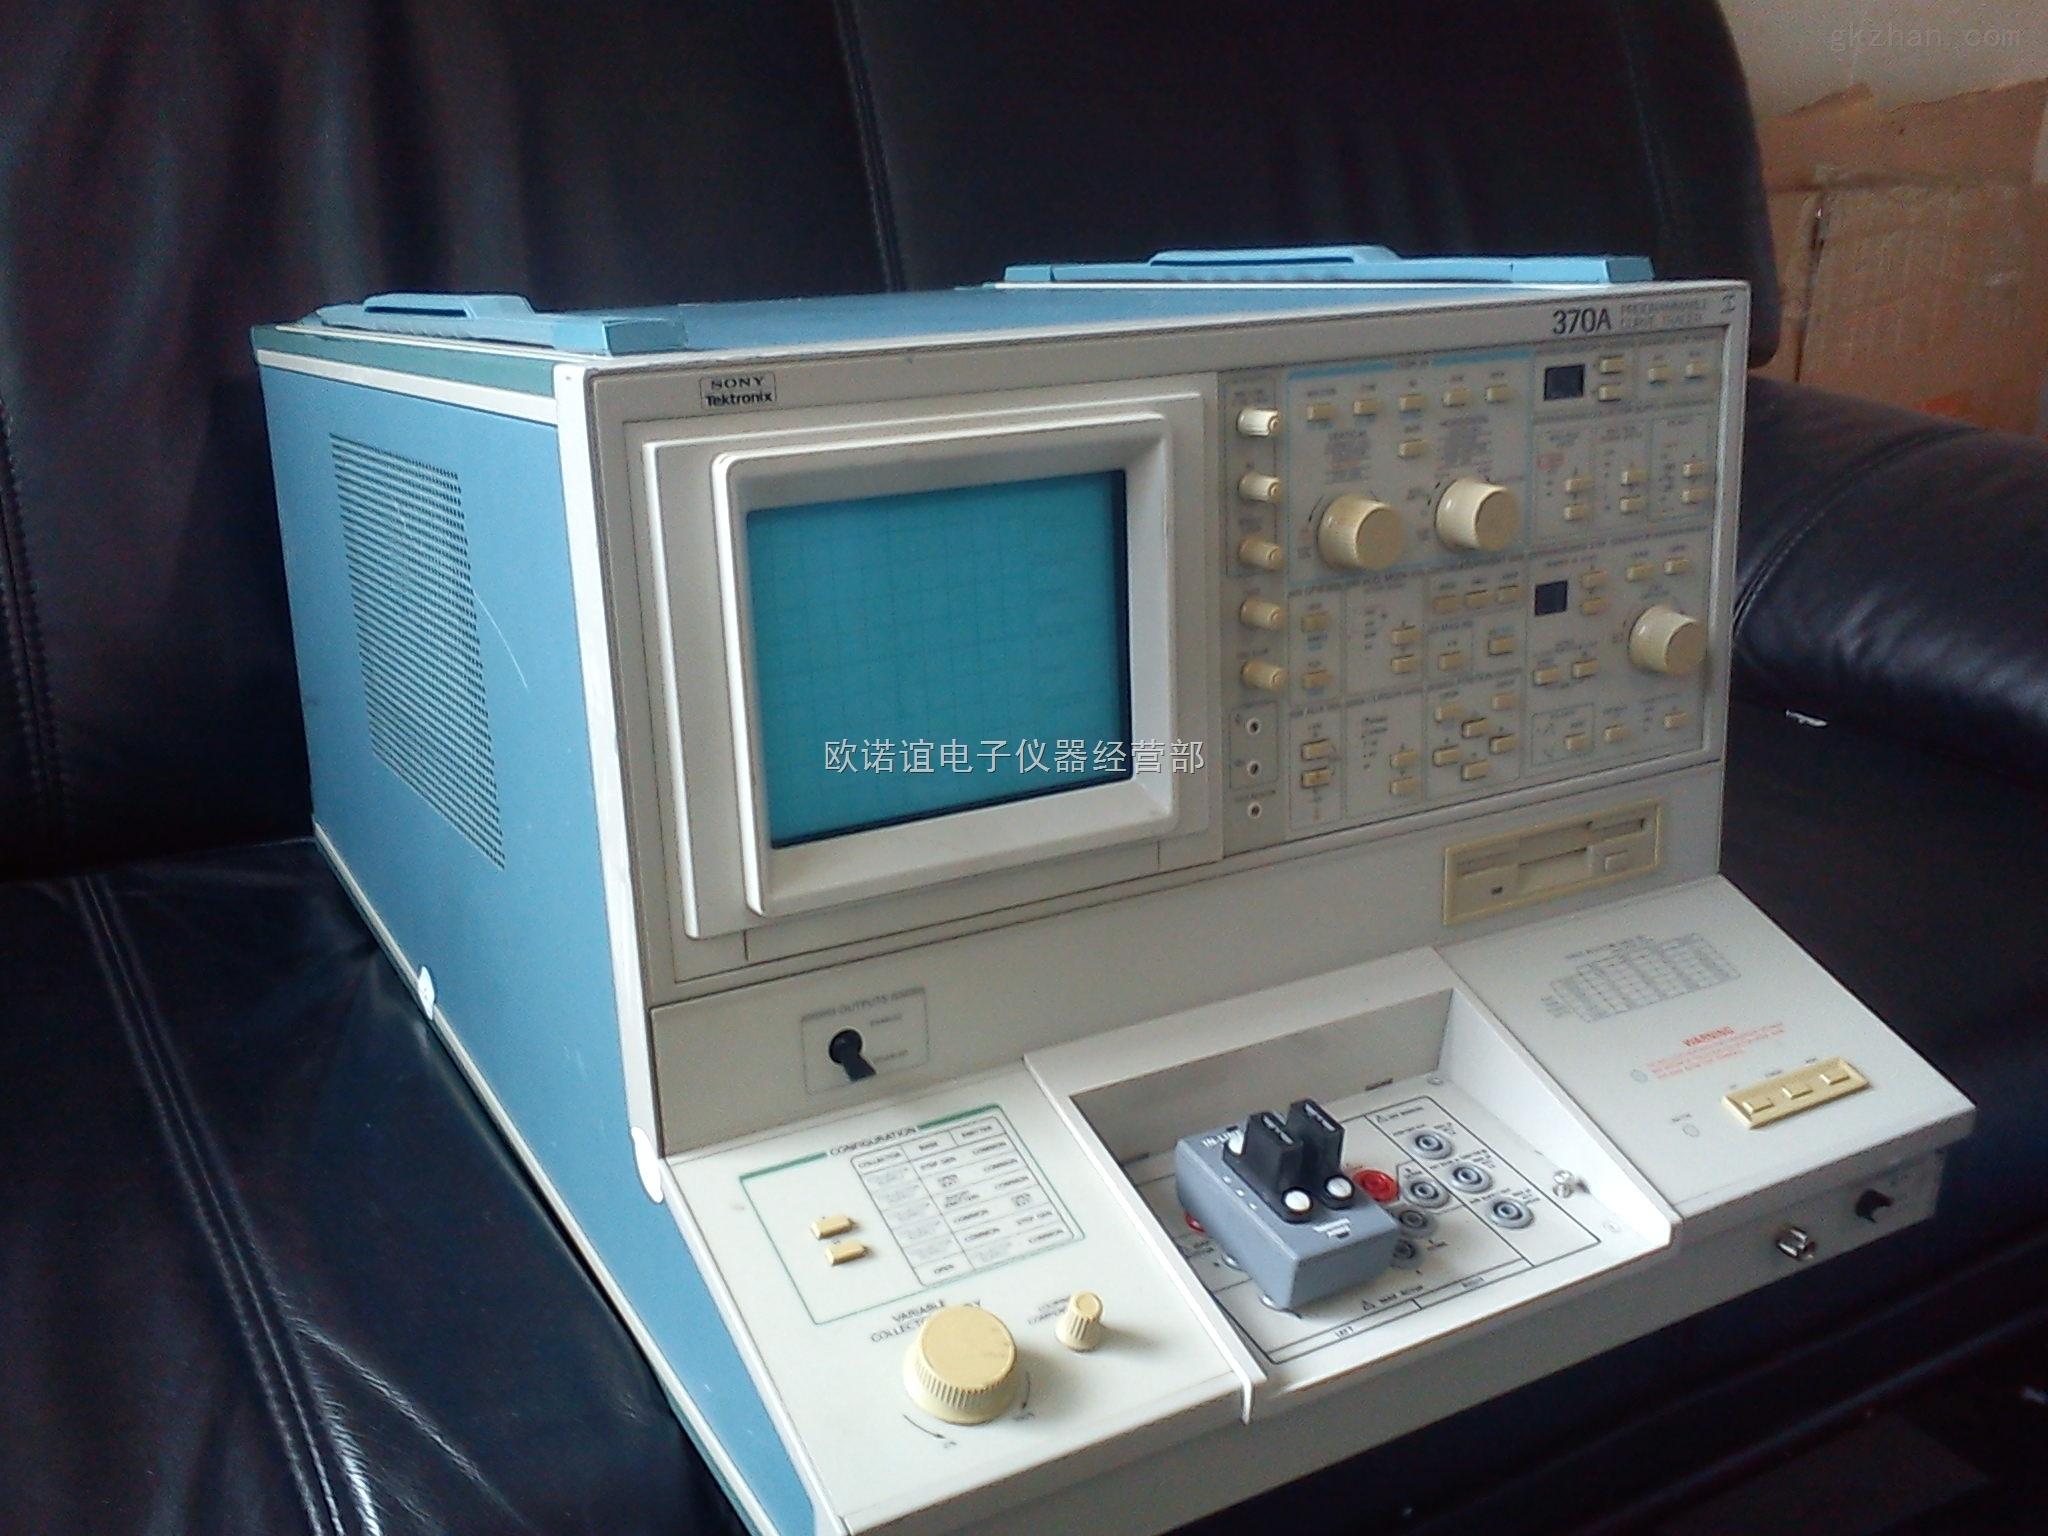 tek370a tek370晶体管测试仪